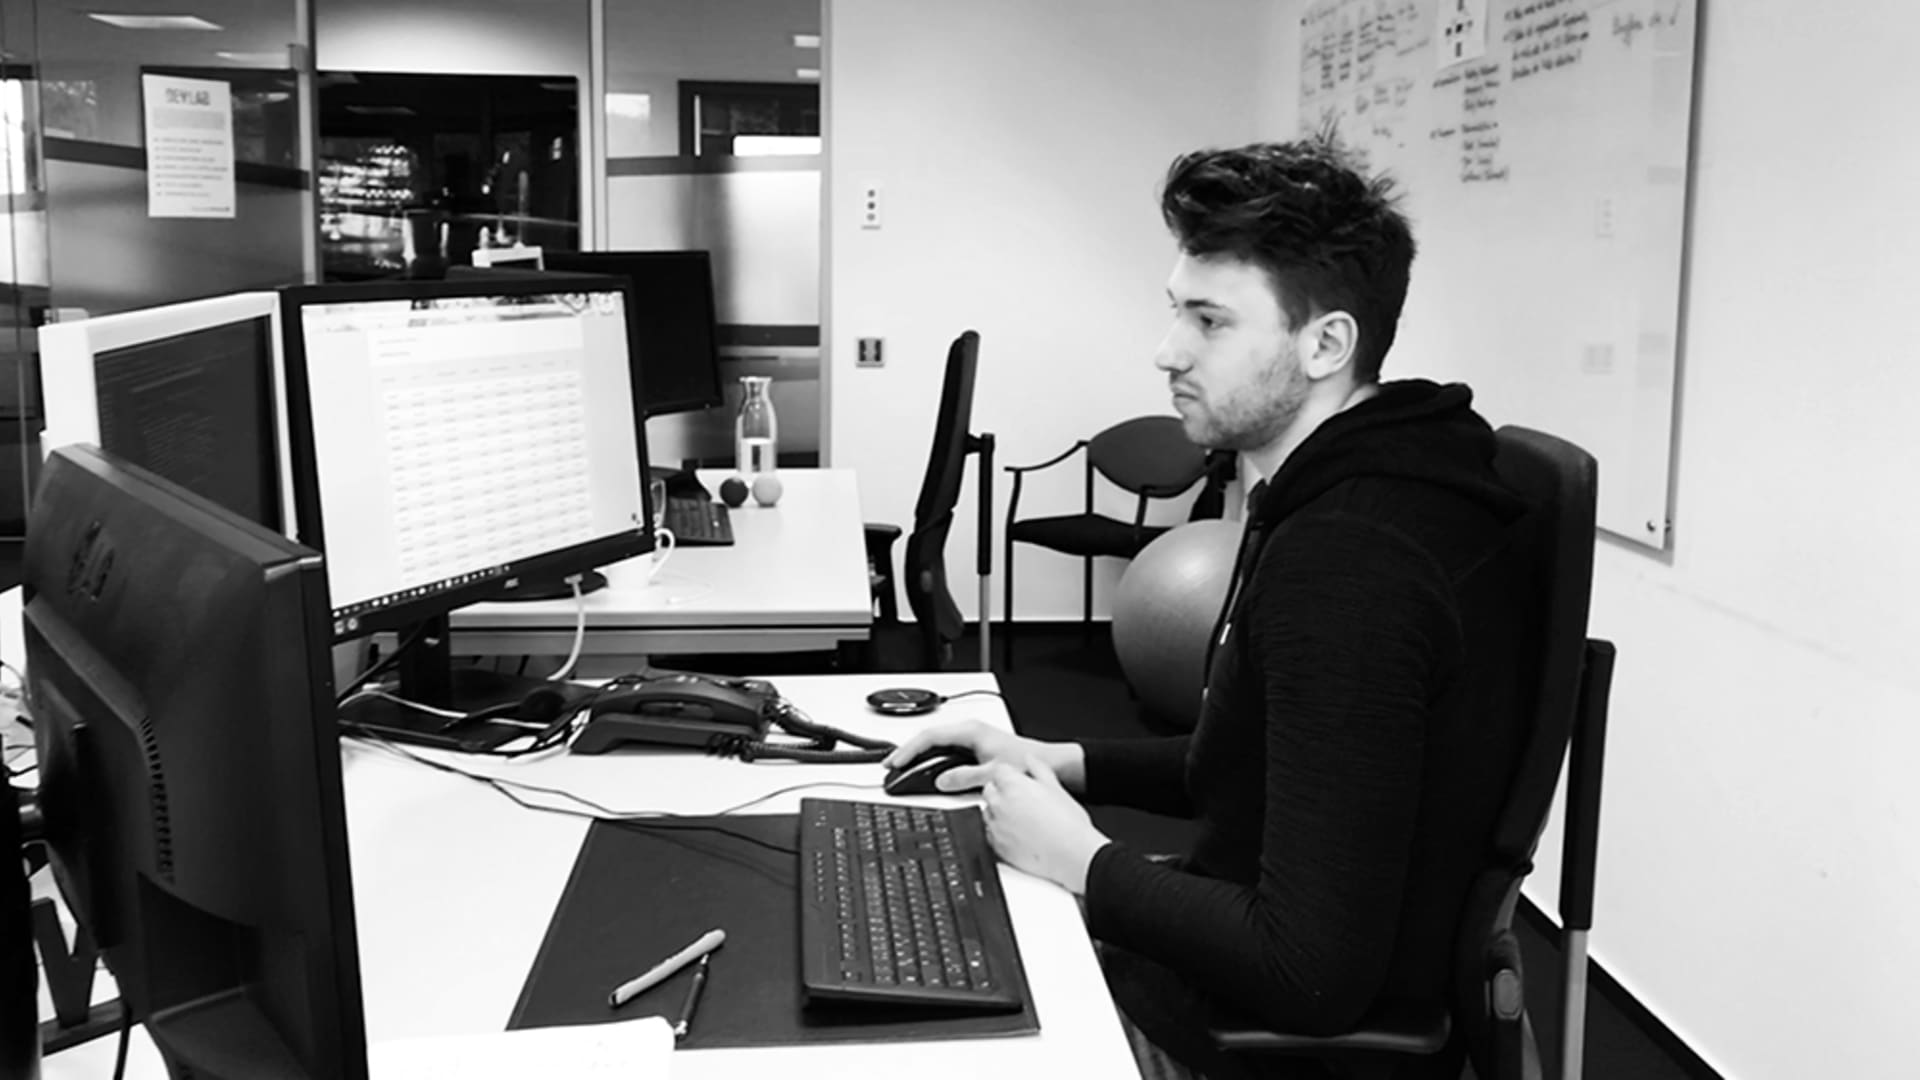 Christian wurde nach seiner Ausbildung als Programmierer in die Abteilung ELEX - Digital Solutions übernommen.